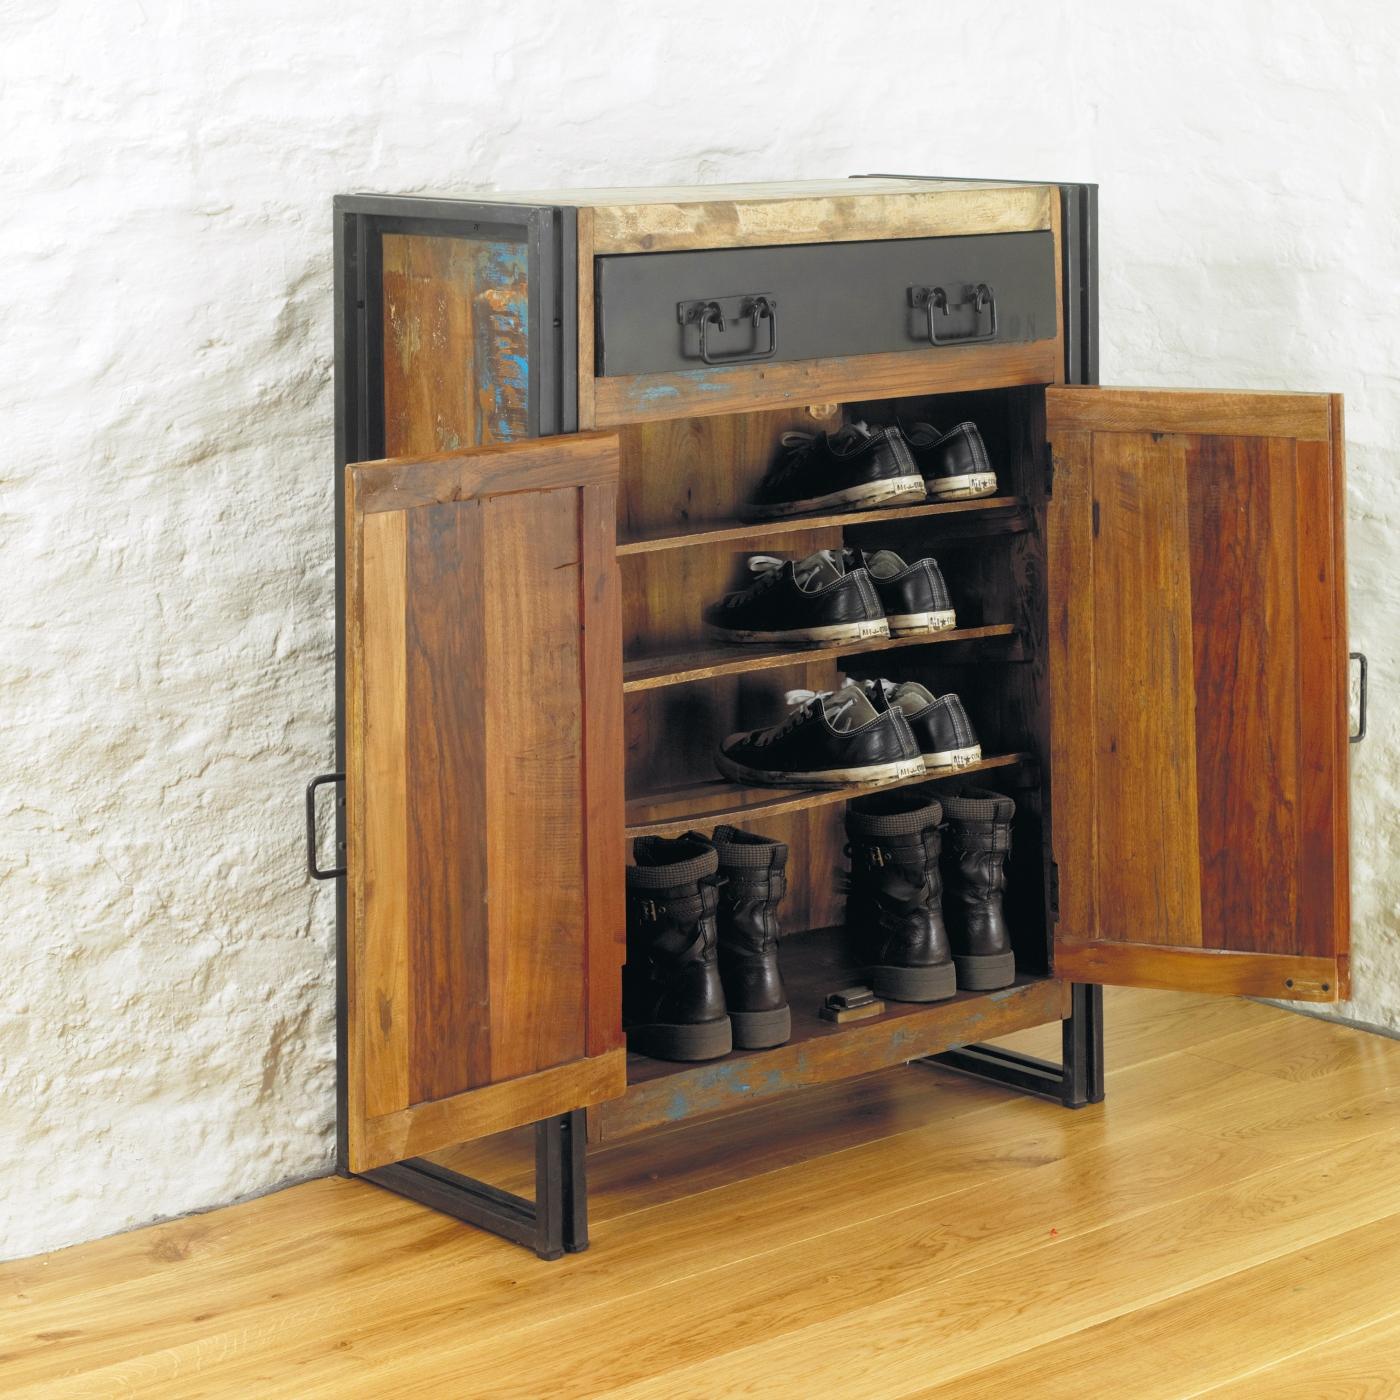 idée d'agra solide bois récupéré couloir armoire à chaussures armoire de rangement ebay